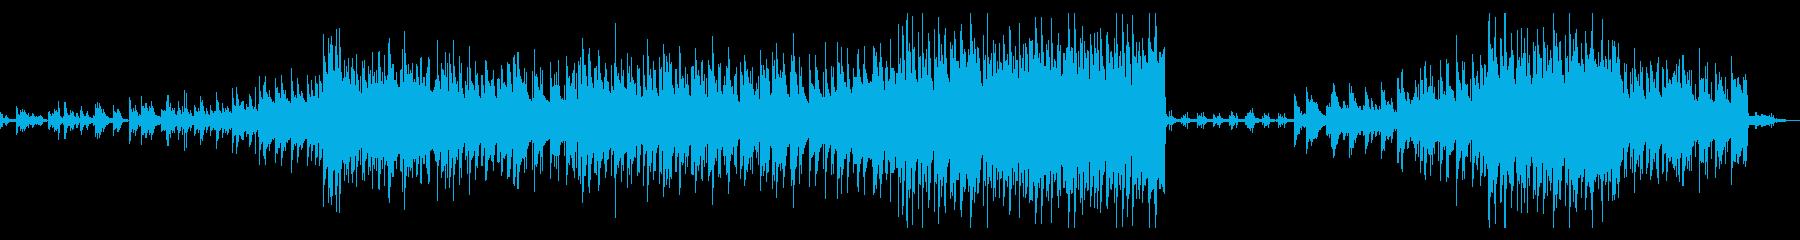 感動的なピアノメイン曲の再生済みの波形